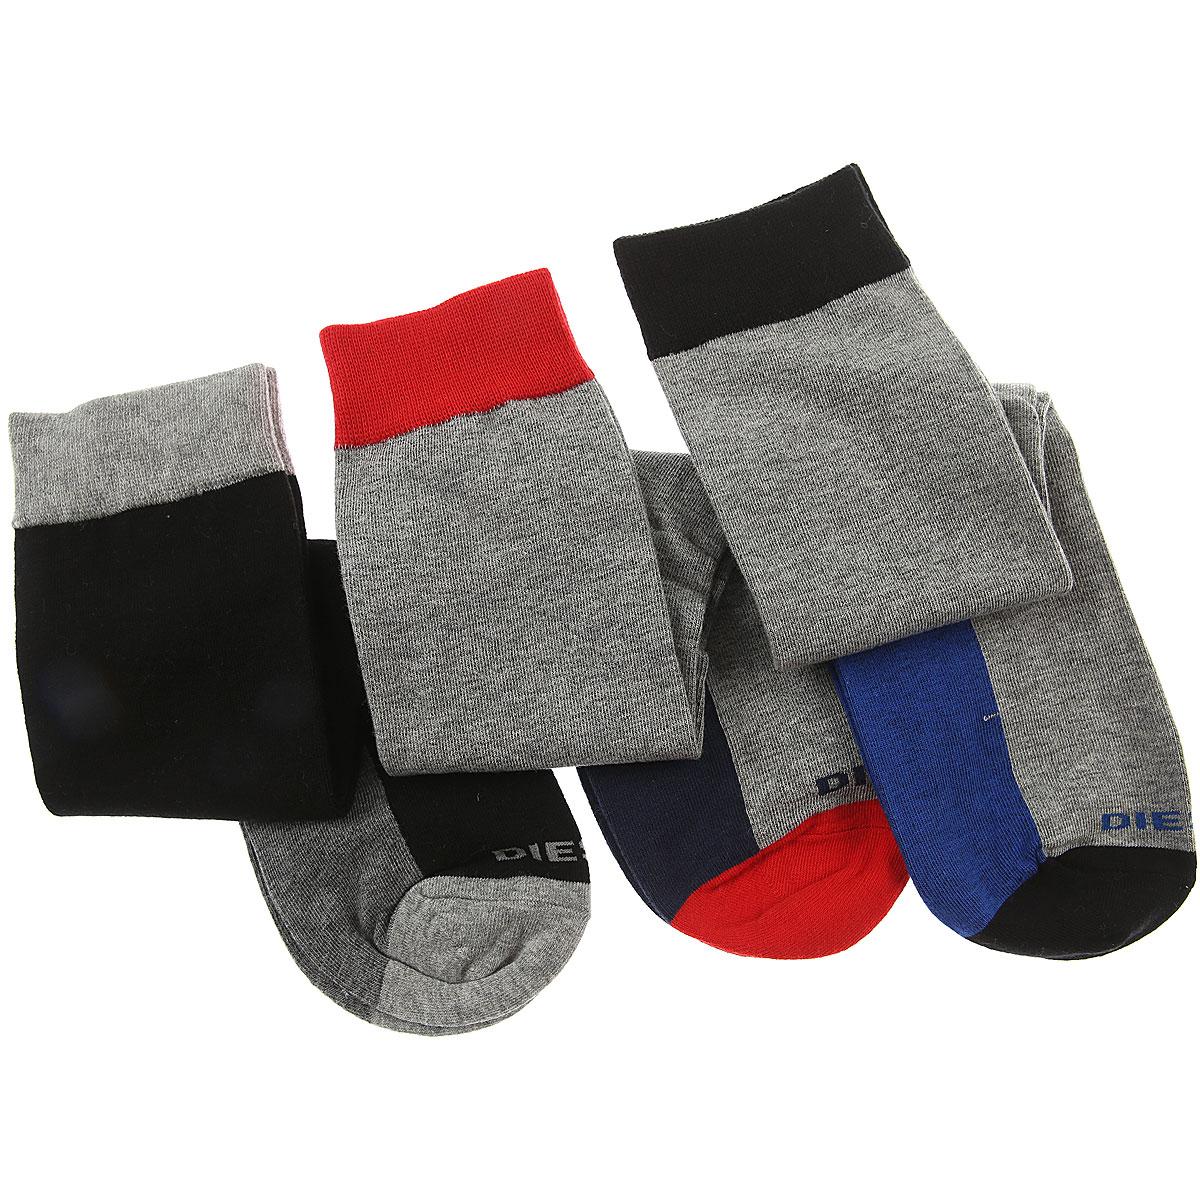 Image of Diesel Socks Mens Underwear, 3 Pack, Grey Melange, Cotton, 2017, M (39 - 42) L (43 - 46)